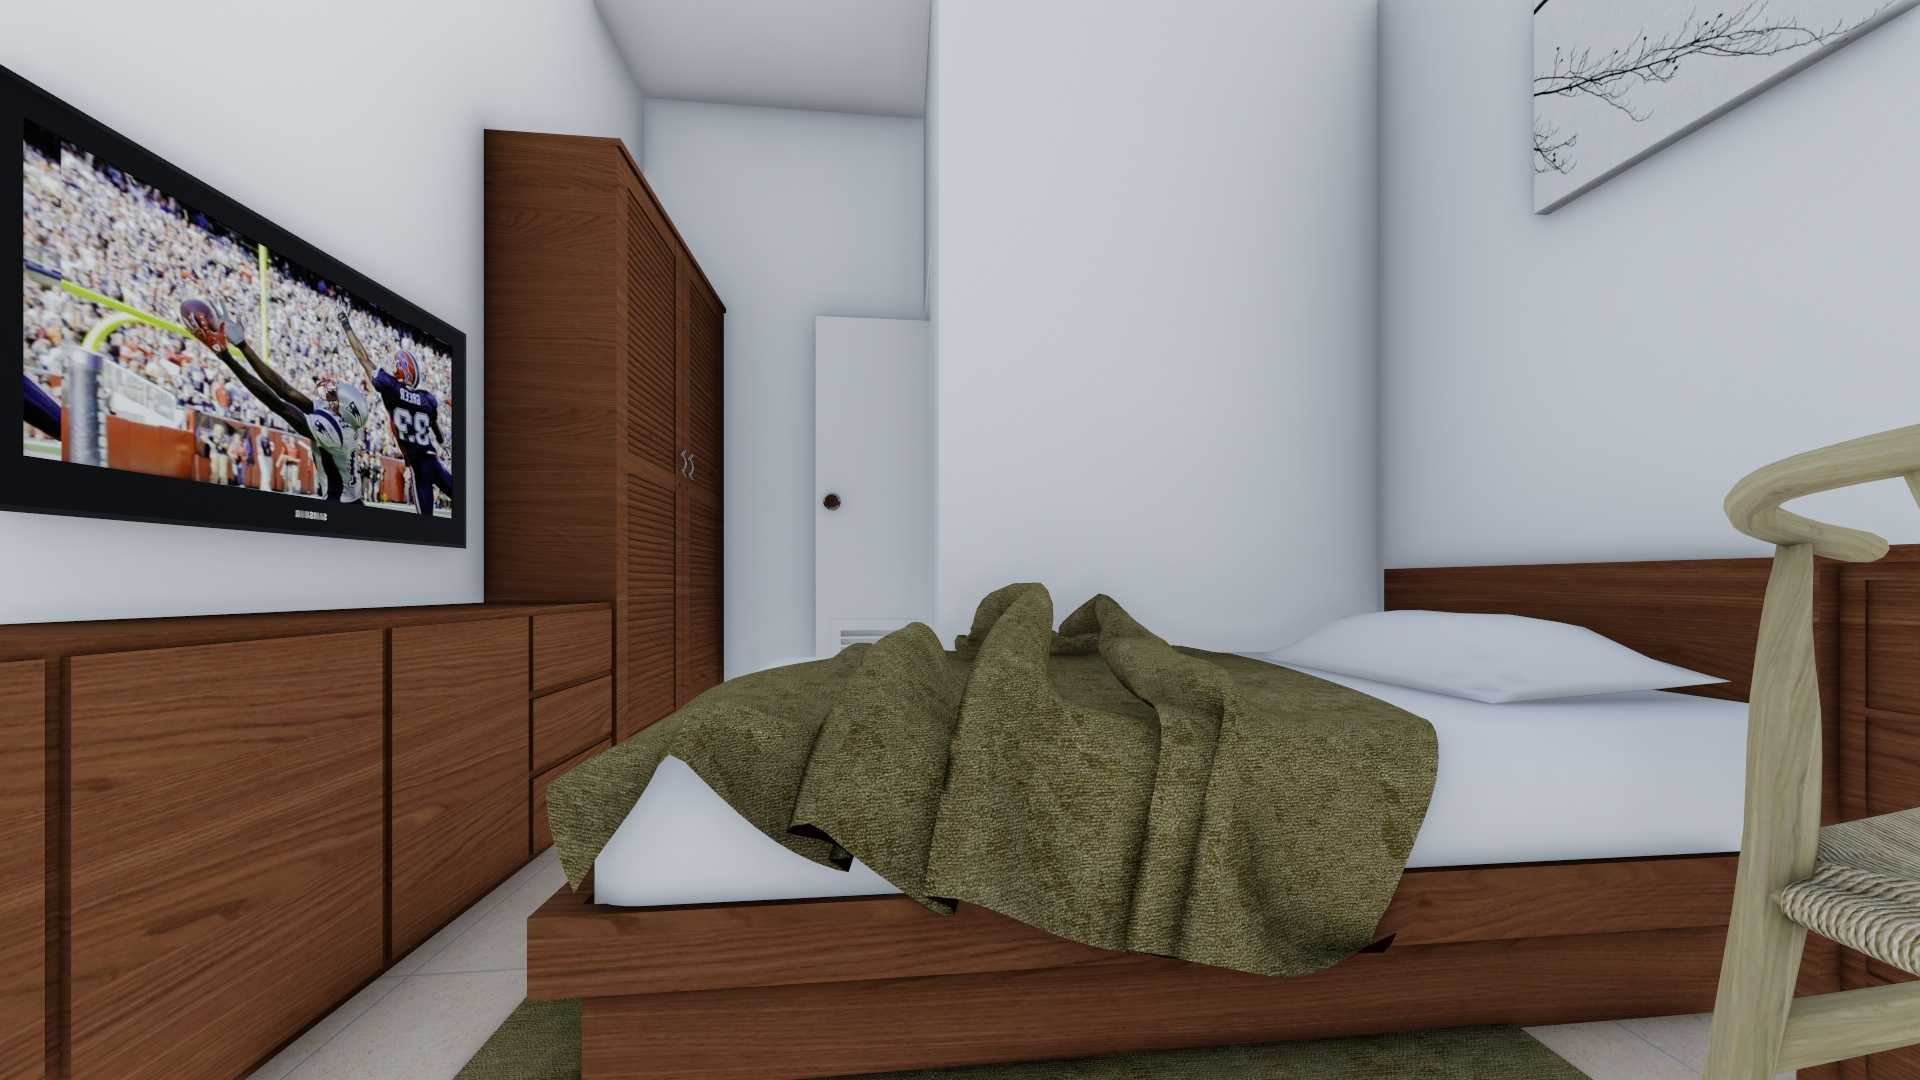 Mannor Architect Rumah Kos Depok Depok, Kota Depok, Jawa Barat, Indonesia Depok, Kota Depok, Jawa Barat, Indonesia Bedroom Minimalist  40743